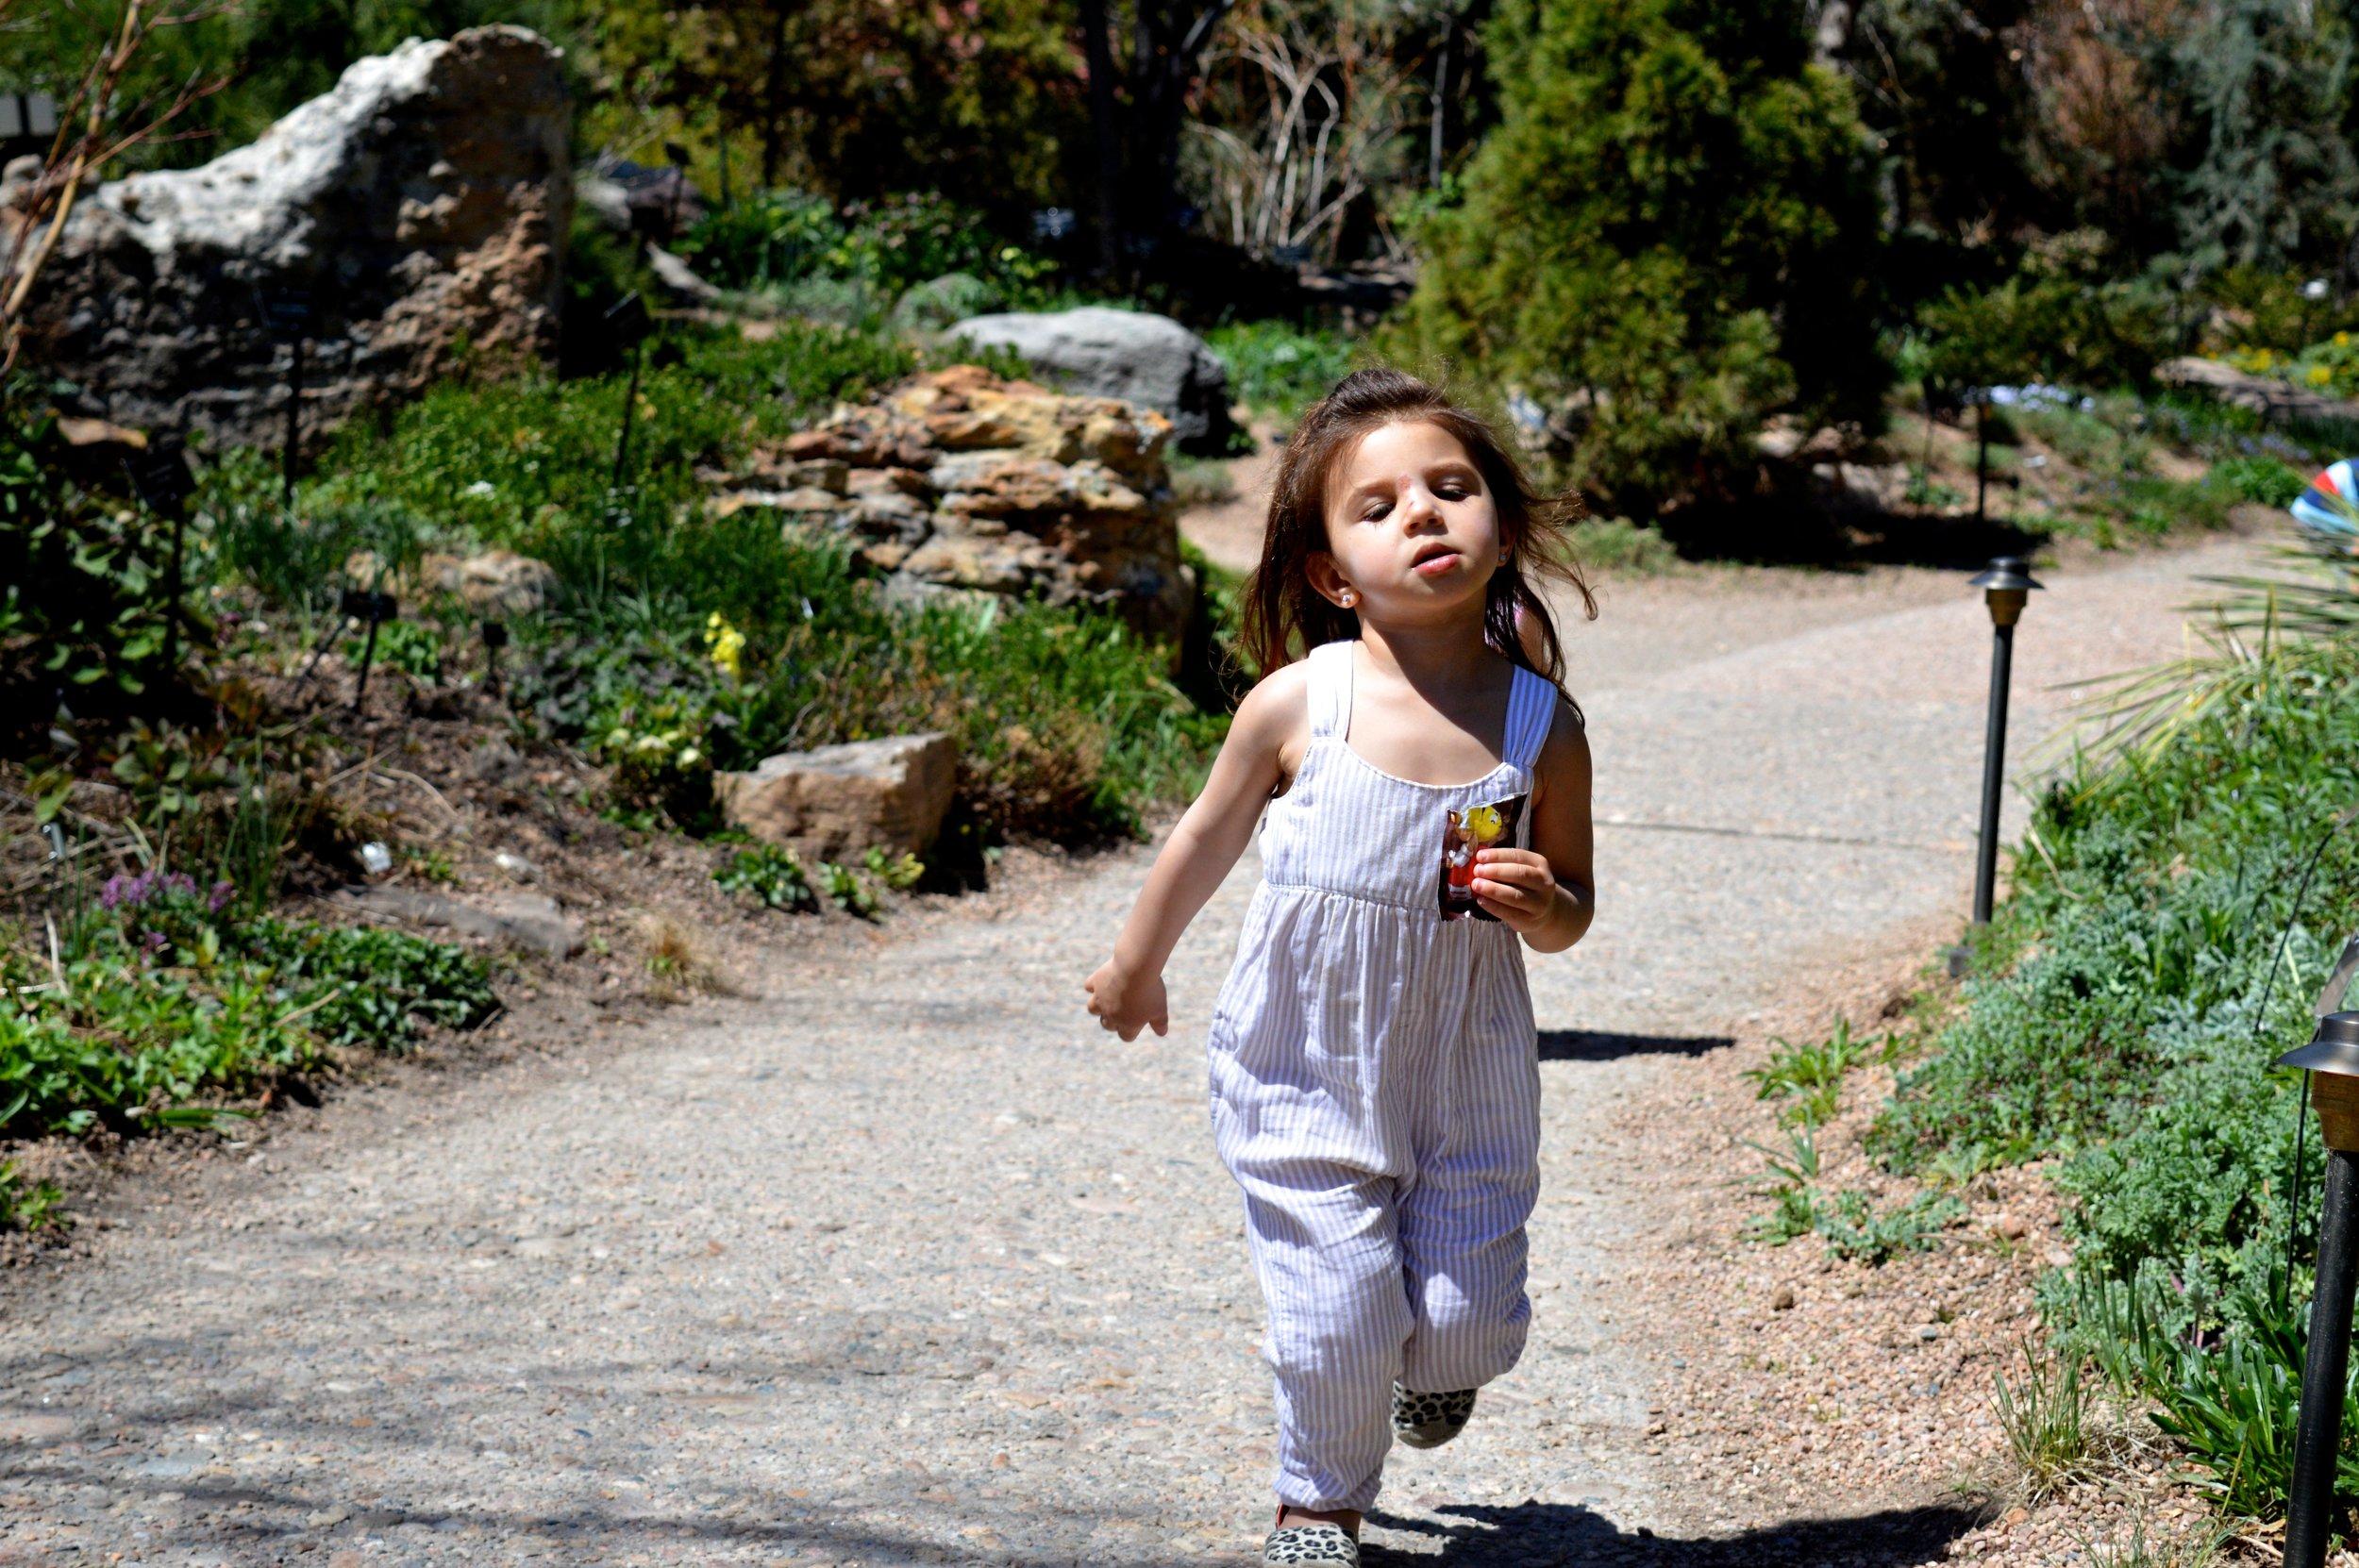 denver-botanic-gardens-April-13-19.jpg